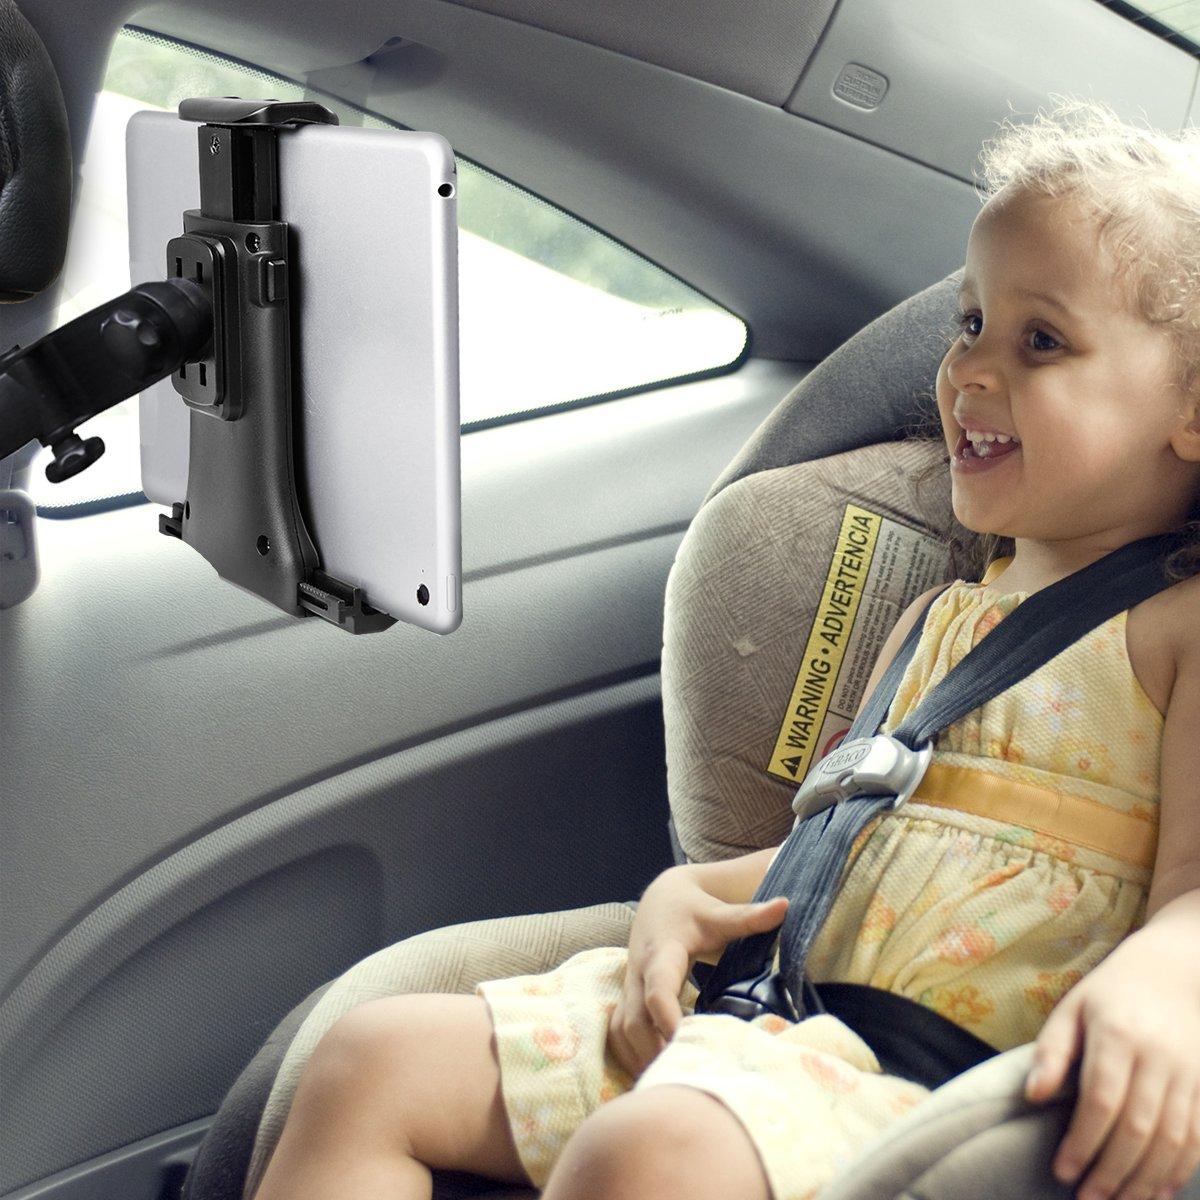 Tablet Halterung Auto, KFZ Kopfstützen iPad Kopfstützen Halterung 360° Grad Einstellbare rotierende Autositz-Kopfstützenhalterung für iPad, Samsung 7' bis 10' Tablets - Schwarz(2nd Gen) Samsung 7 bis 10 Tablets - Schwarz(2nd Gen)